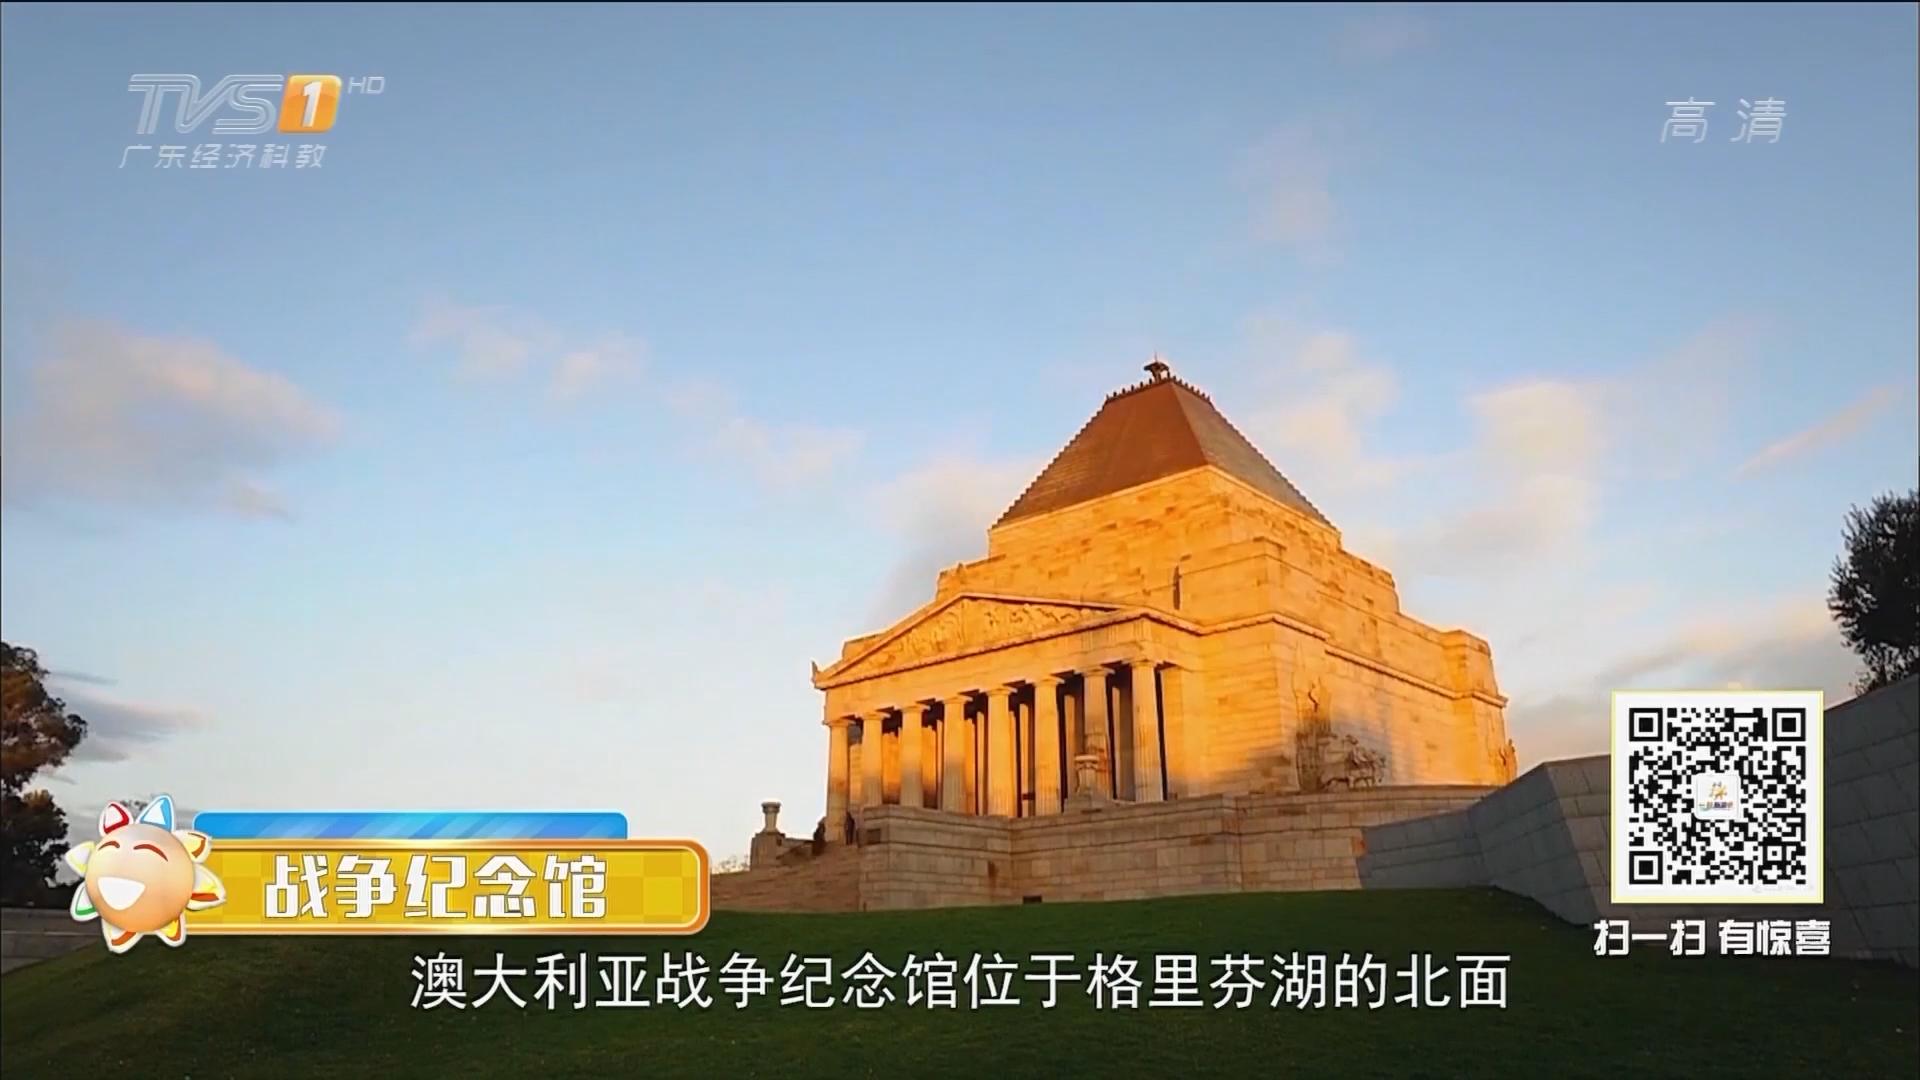 澳大利亚——战争纪念馆